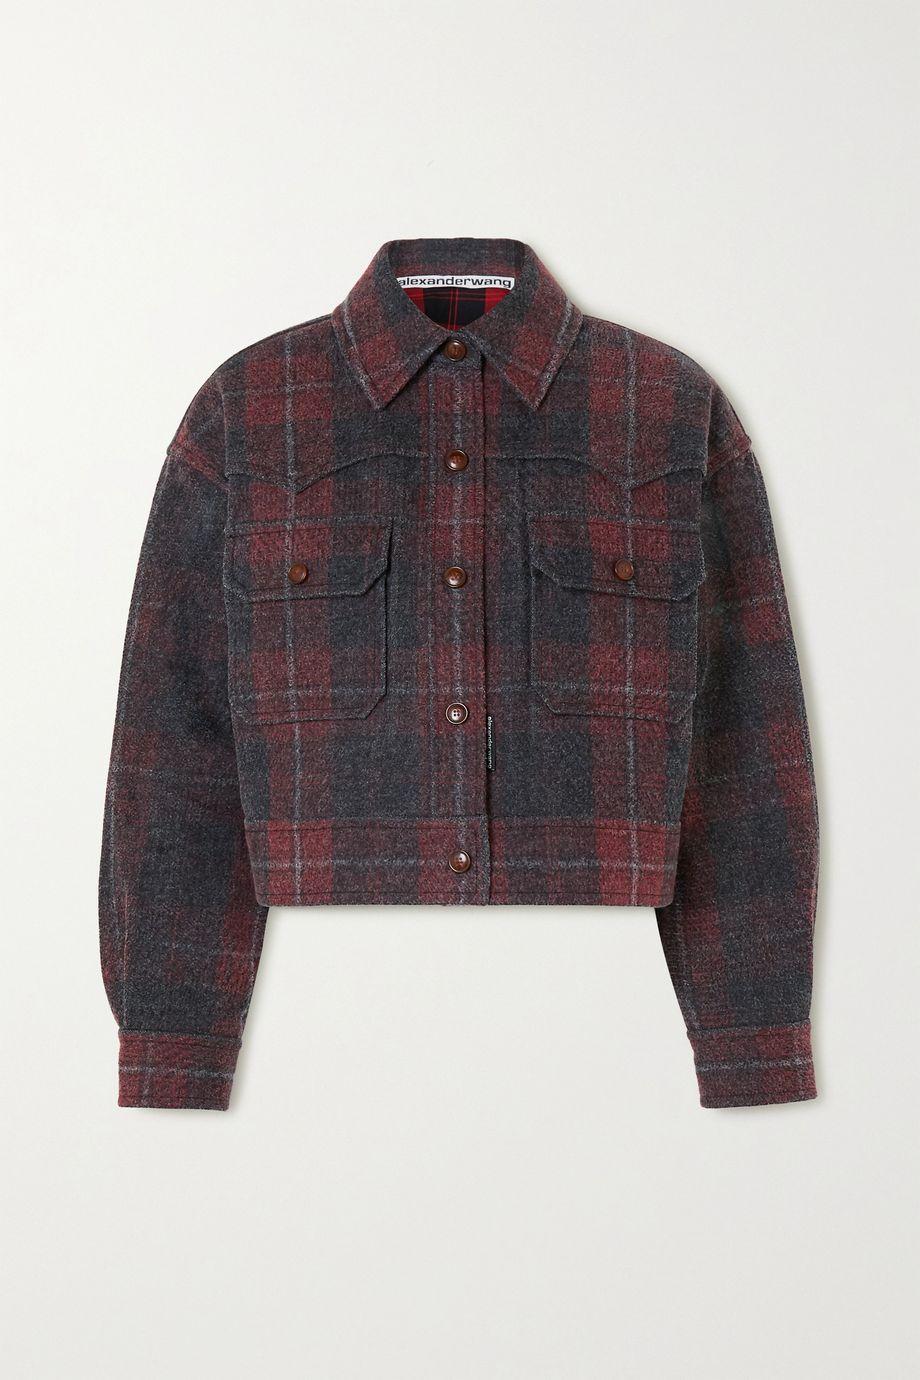 Alexander Wang Oversized checked brushed-denim jacket